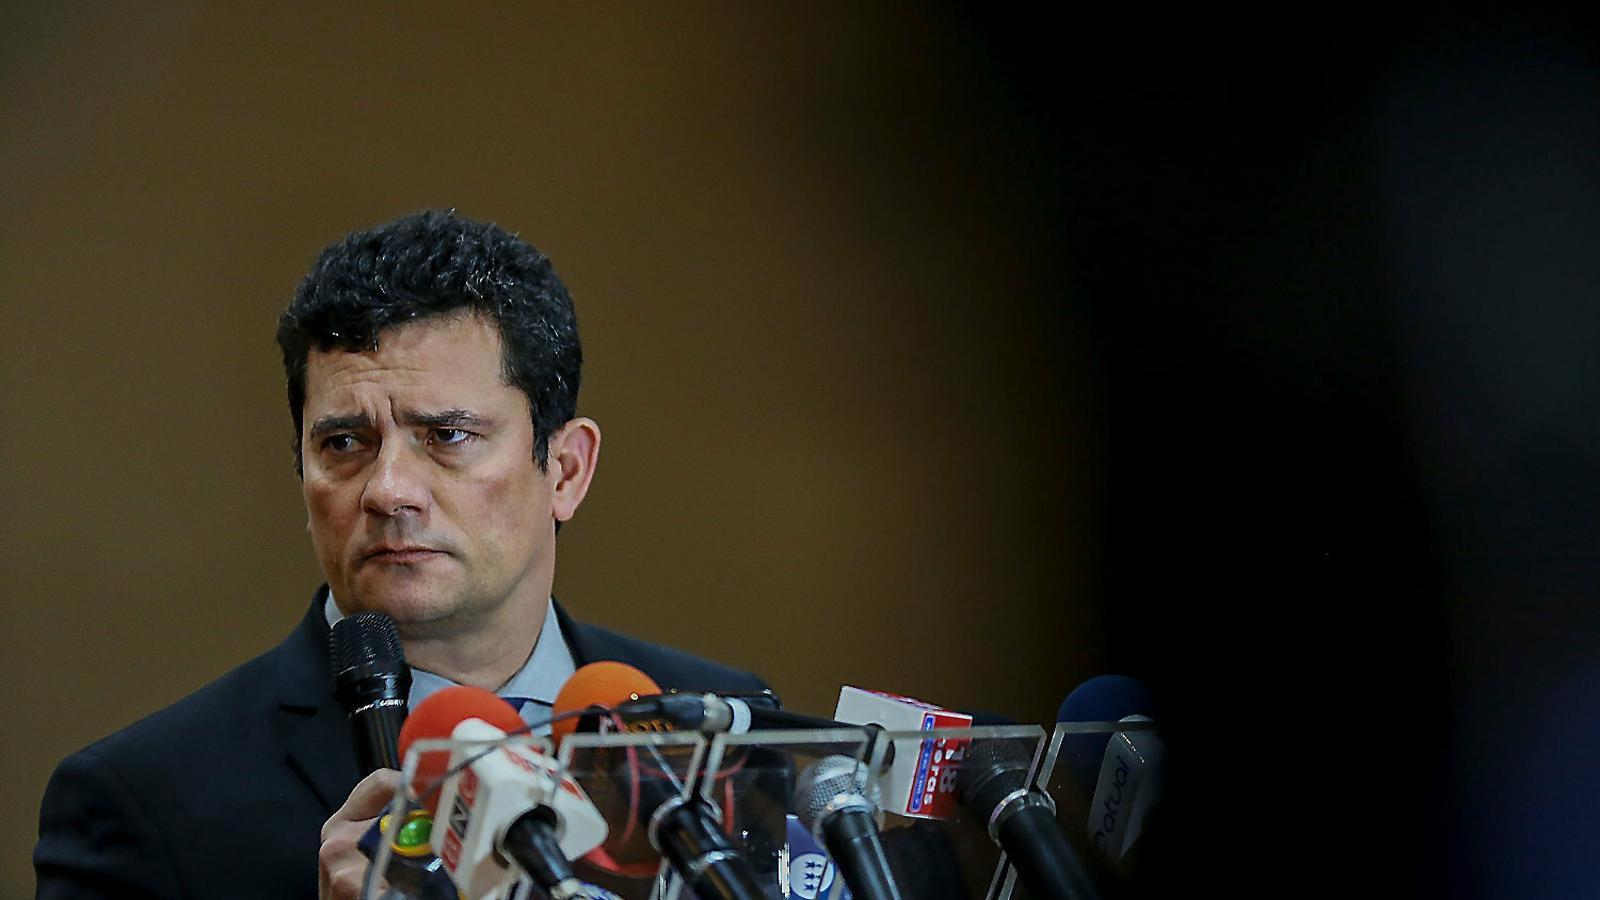 La imparcialitat del jutge que  va empresonar Lula, sota sospita